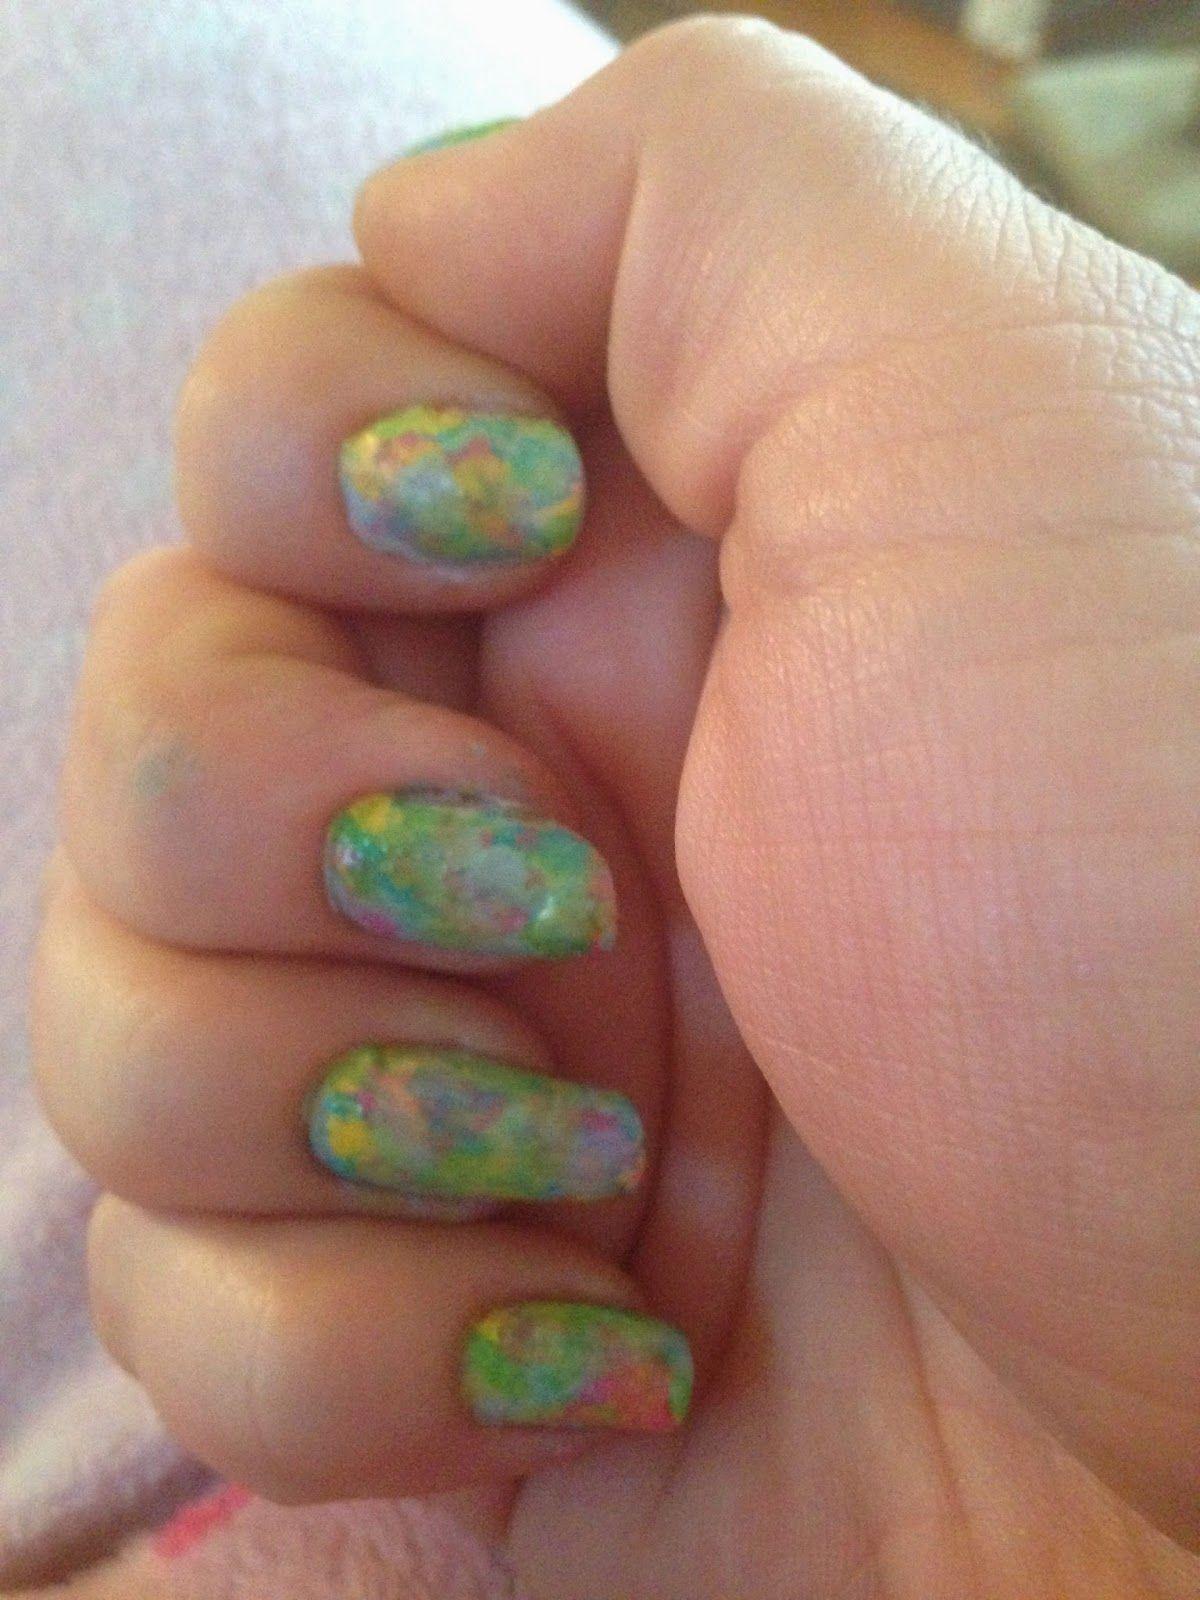 Splatter Nails No Tools Beauty Under 10 Pinterest Splatter